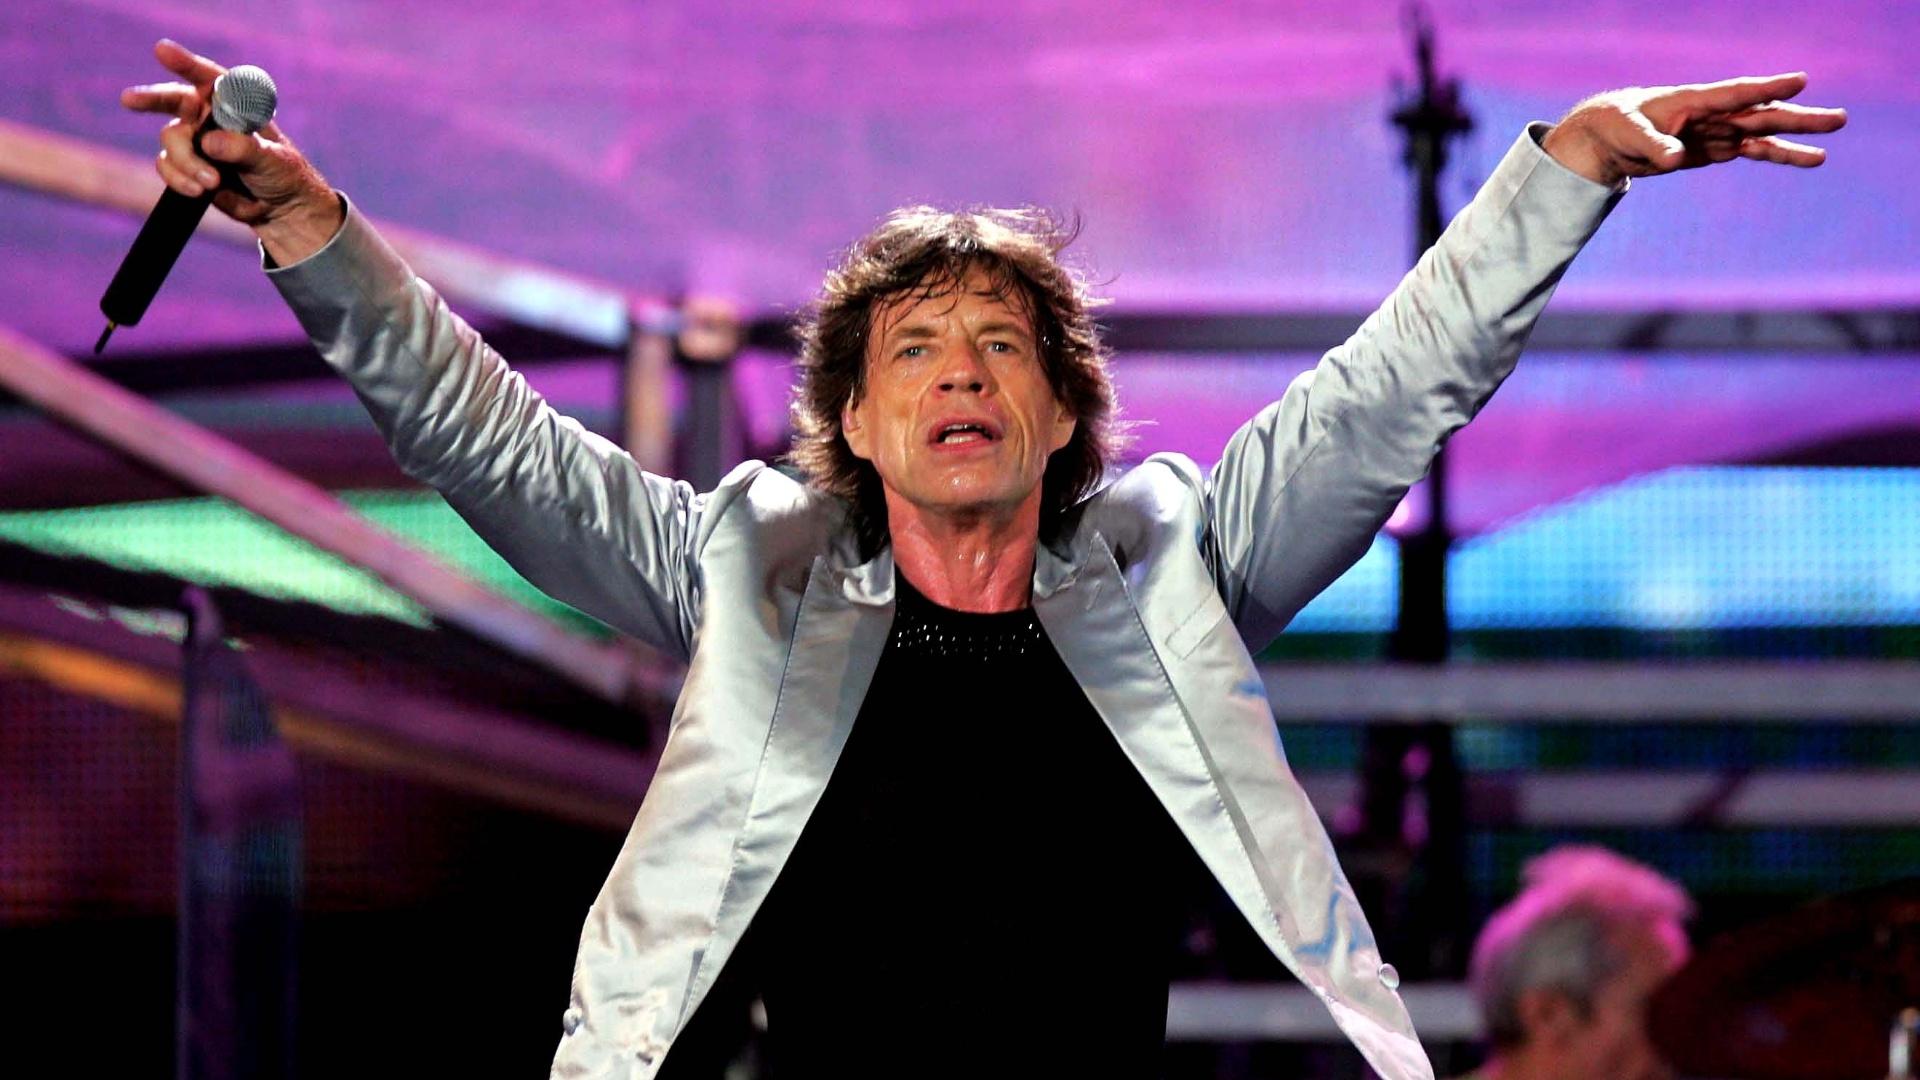 18.fev.2006 - O vocalista dos Rolling Stones, Mick Jagger, durante o show da banda na praia de Copacabana, no Rio de Janeiro